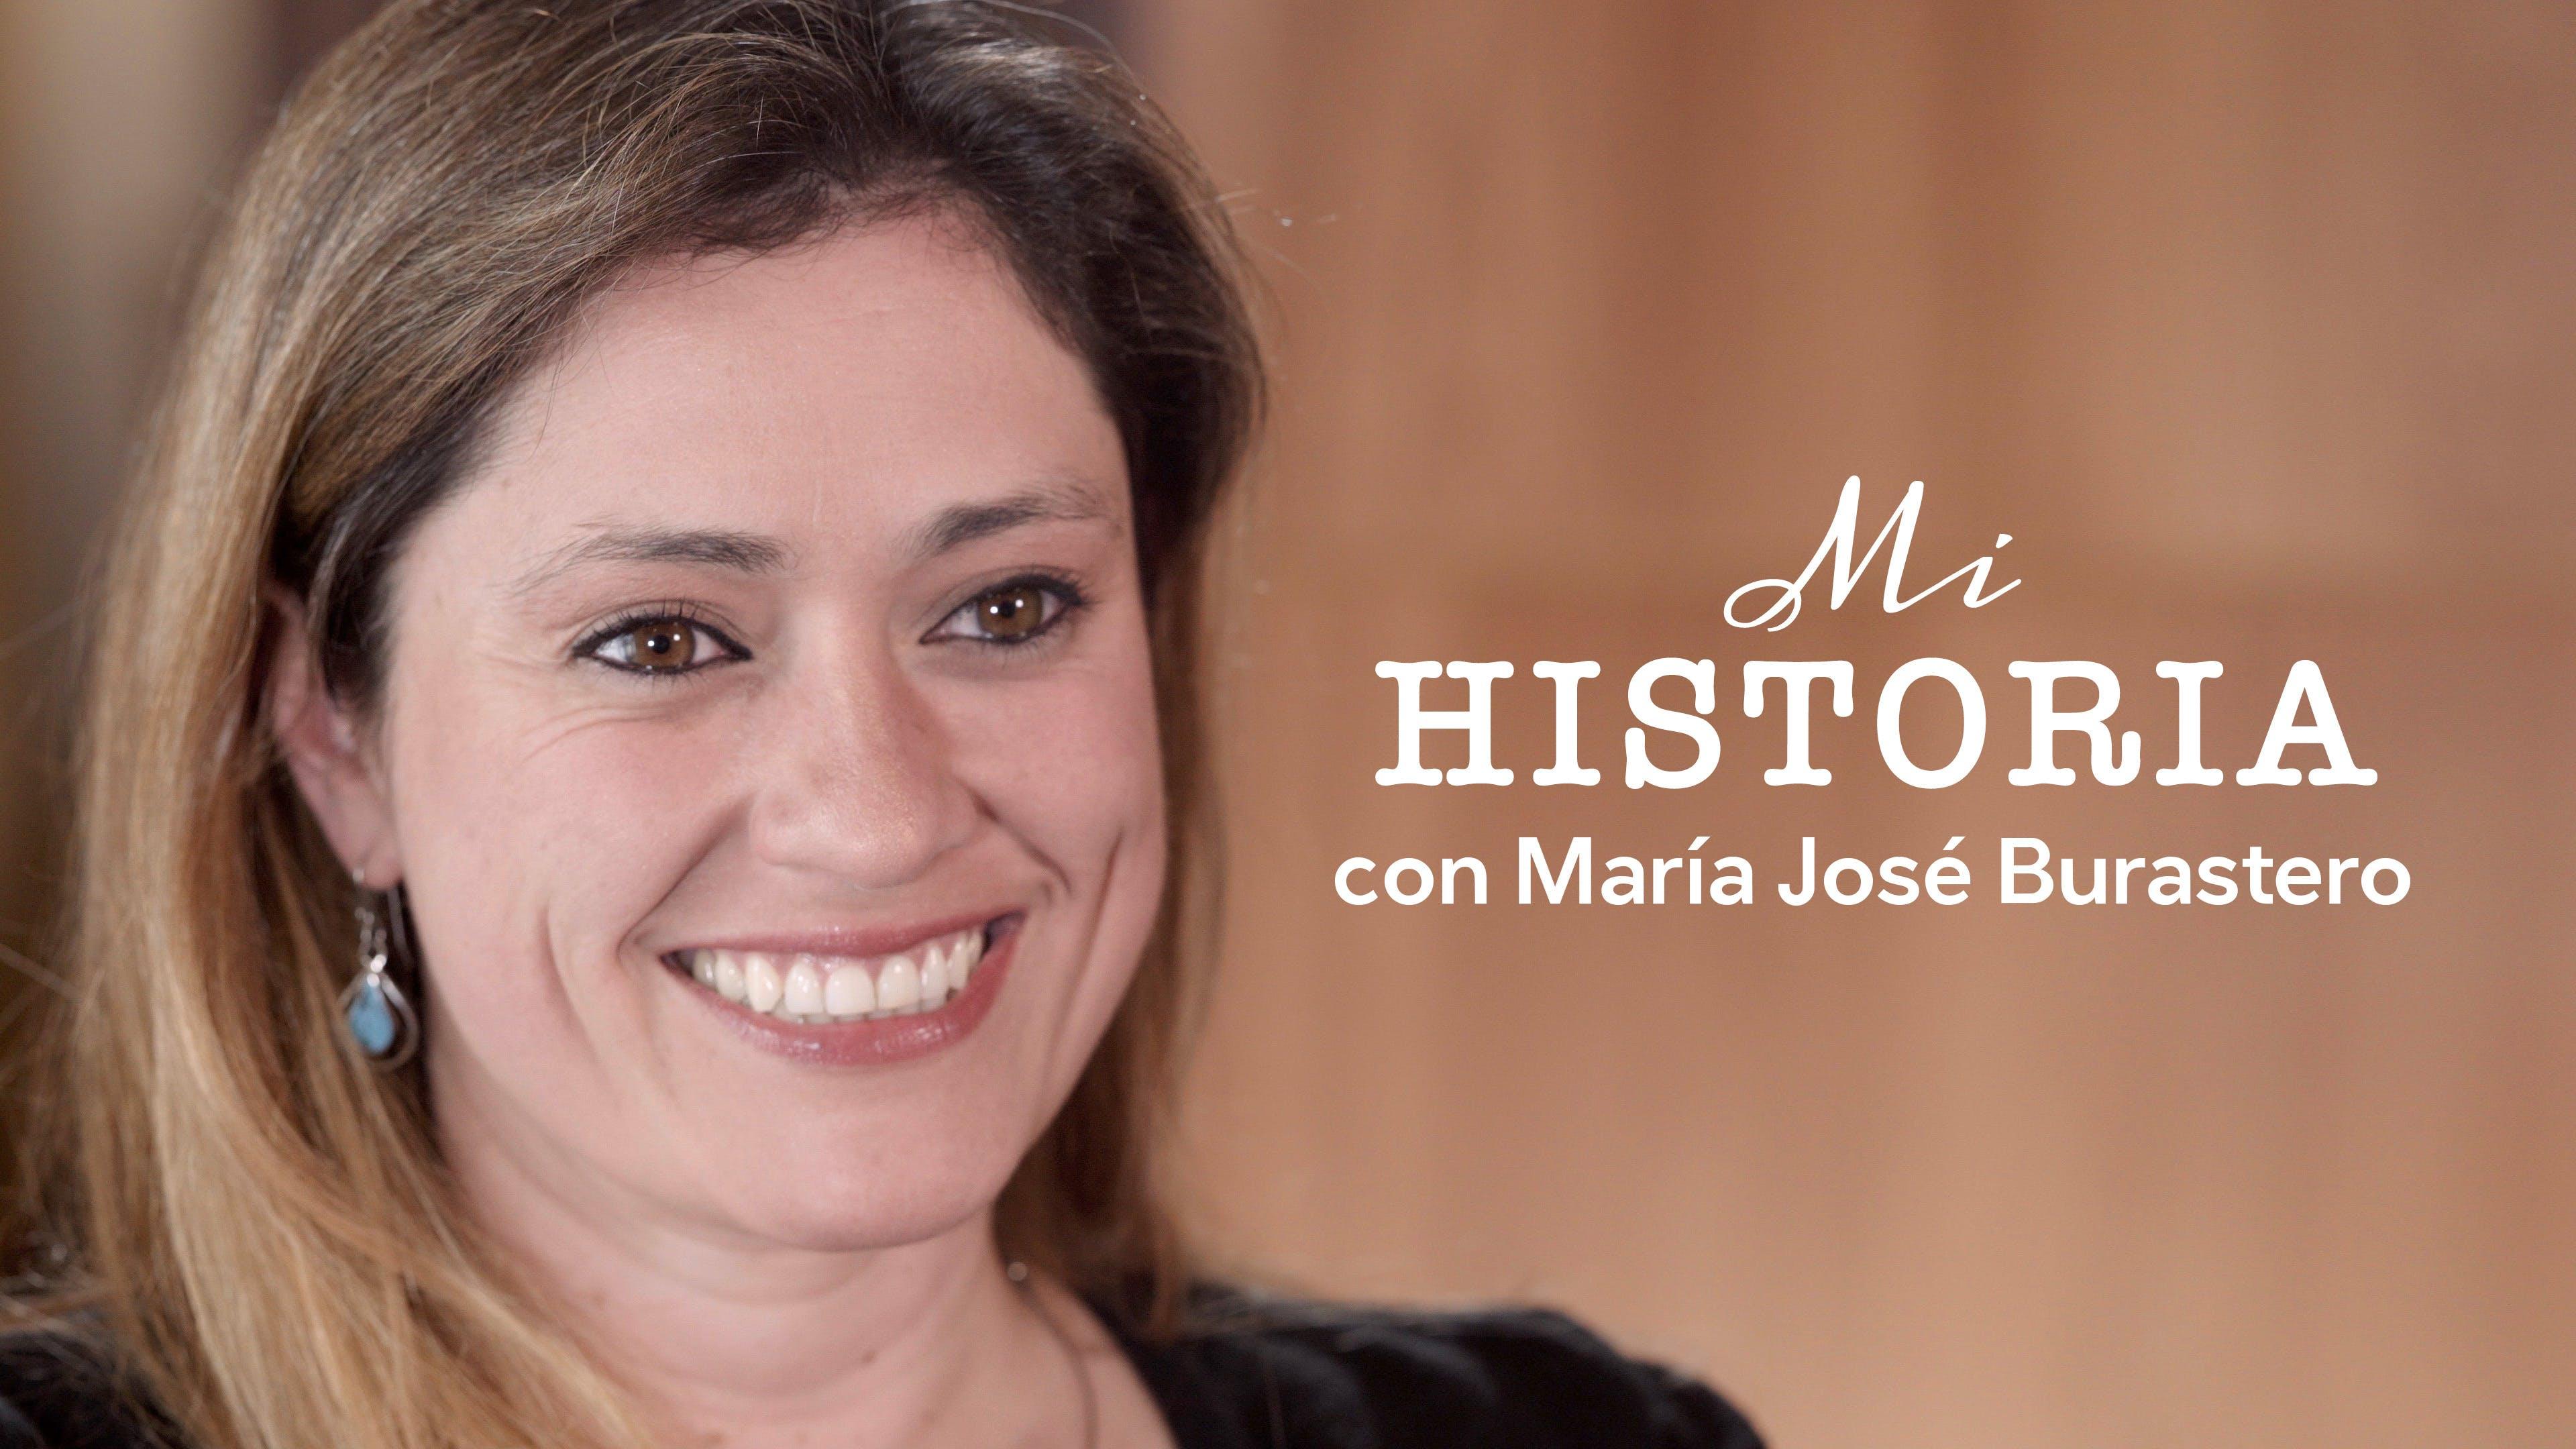 Mi historia, con María José Burastero